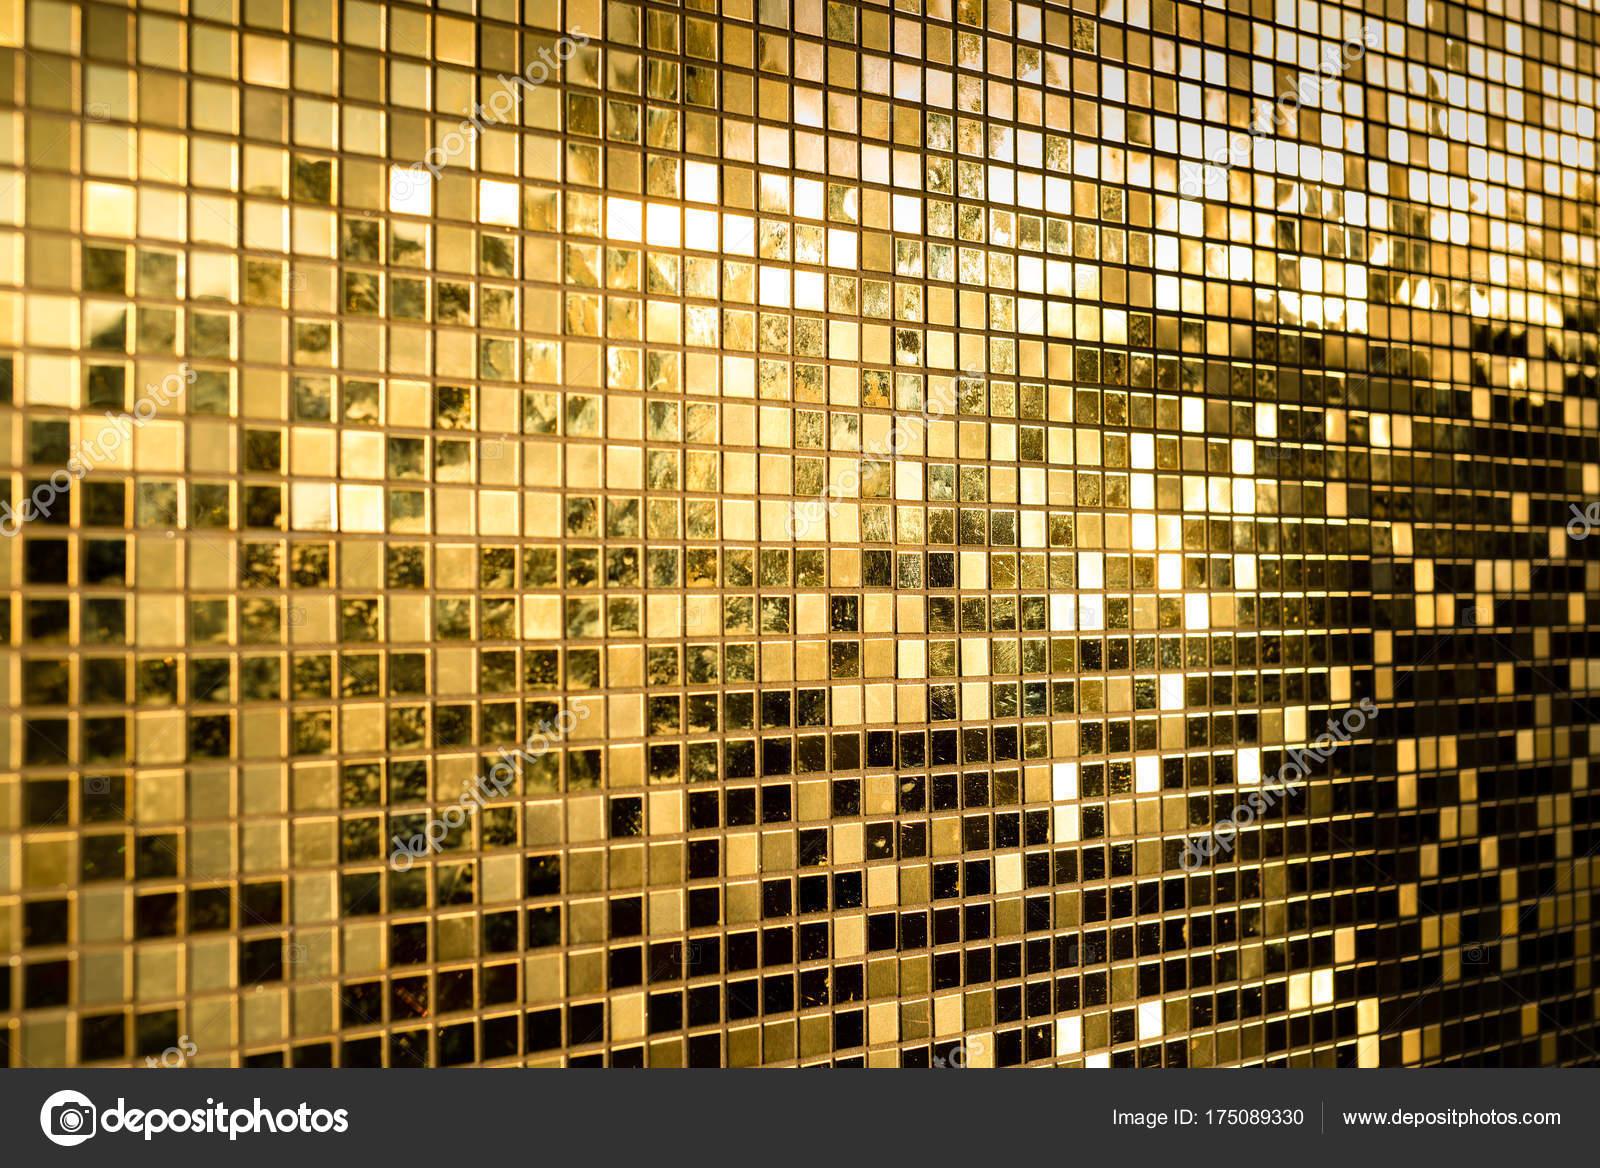 Gouden Mozaiek Tegels : Perspectief van gouden vierkante mozaïektegels voor textuur